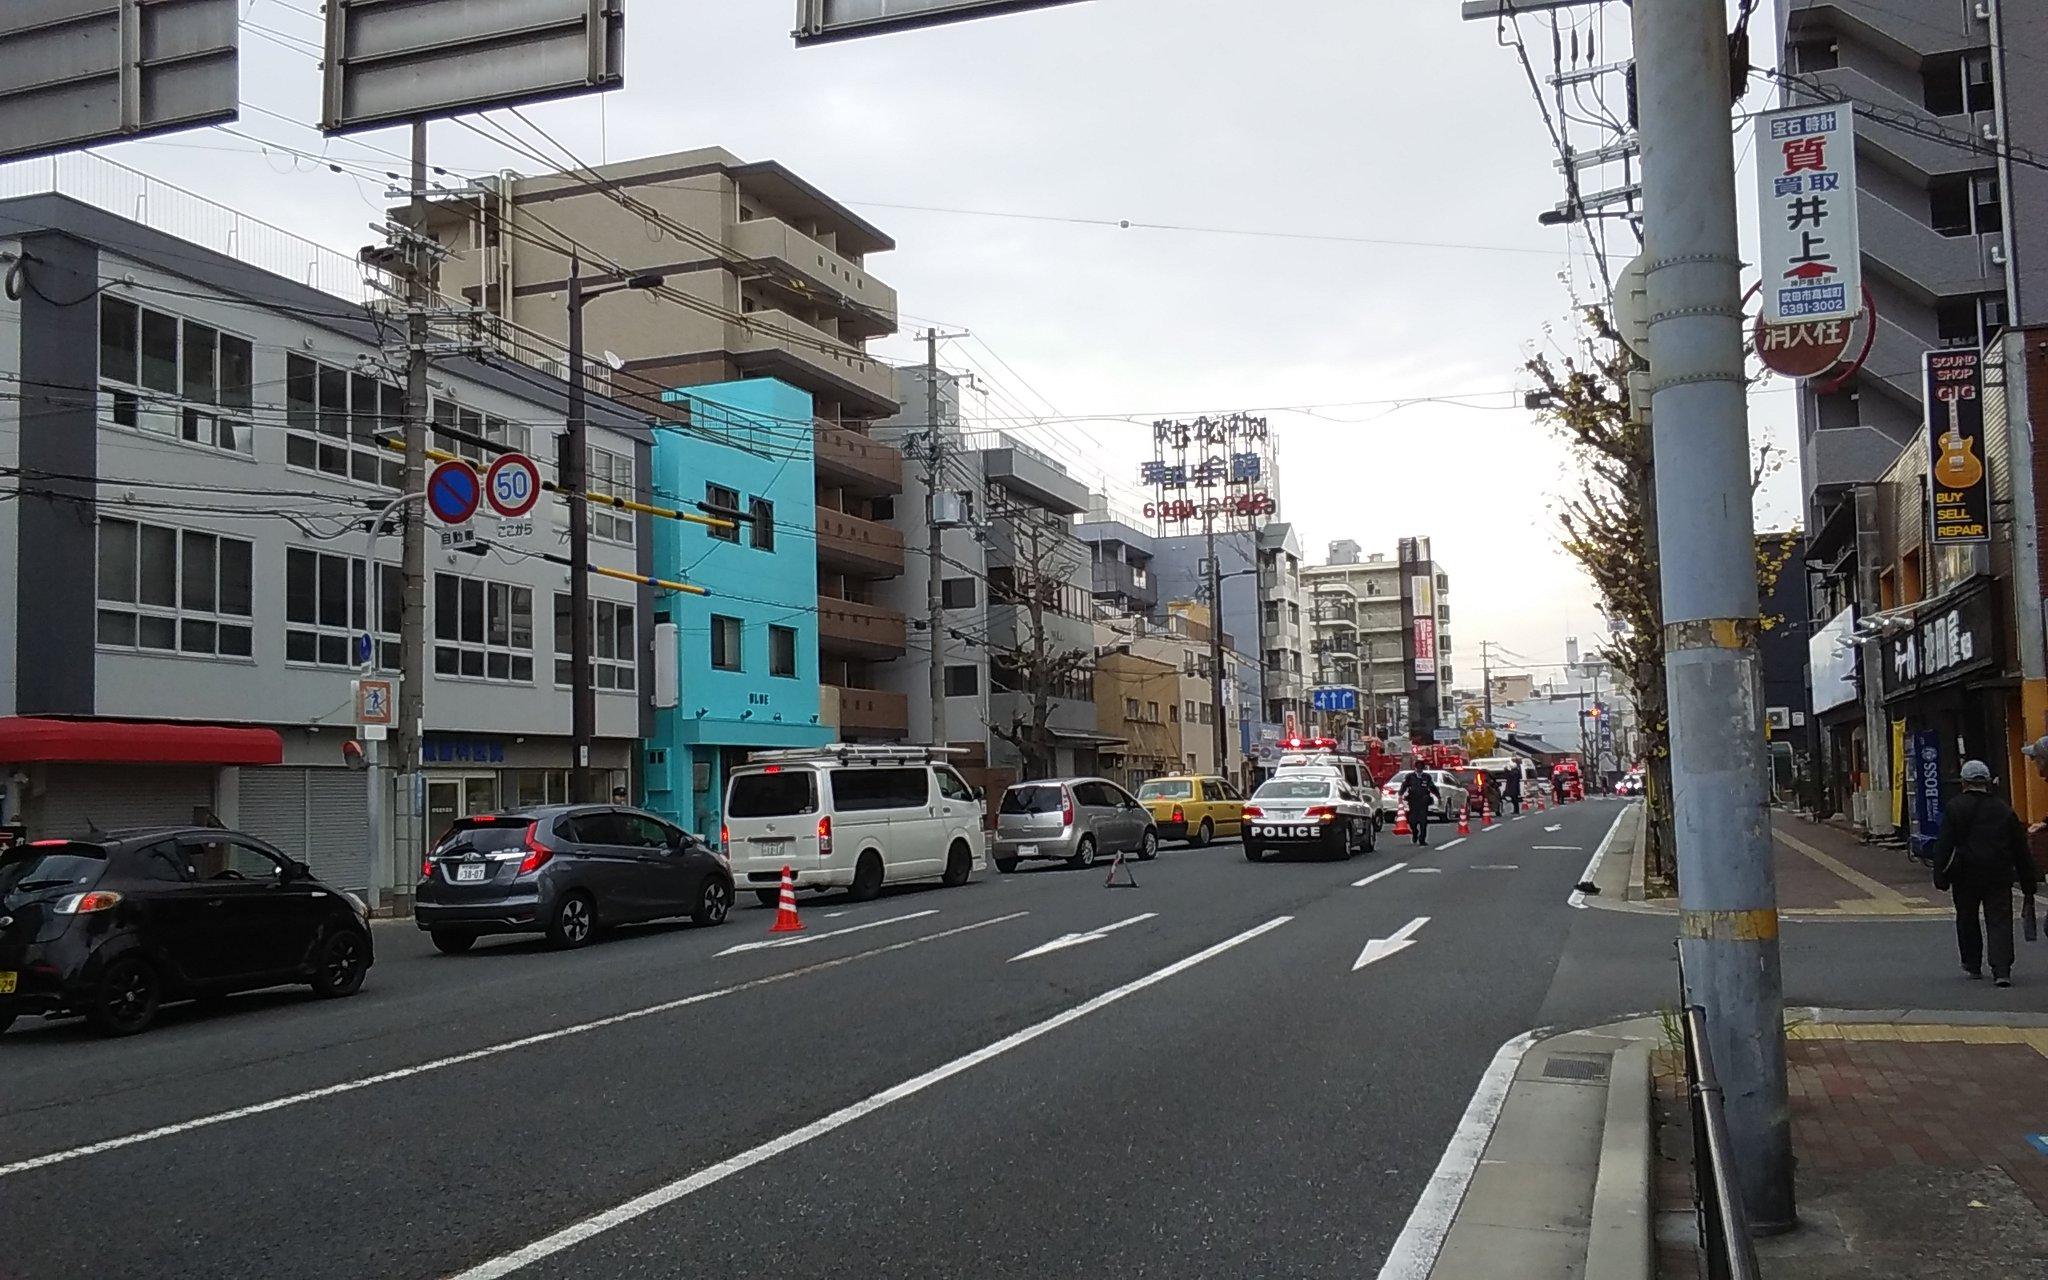 吹田駅付近の交通事故で緊急車両が集結している現場の画像